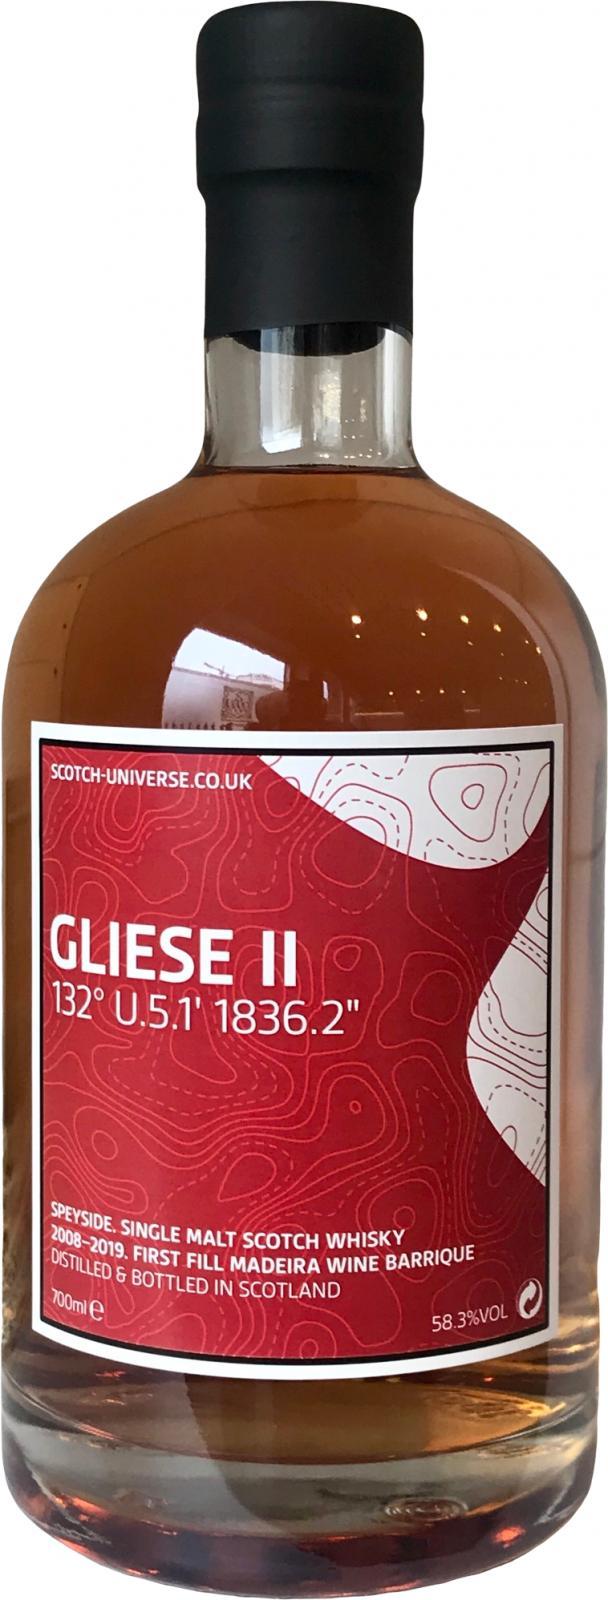 """Scotch Universe Gliese II - 132° U.5.1' 1836.2"""""""